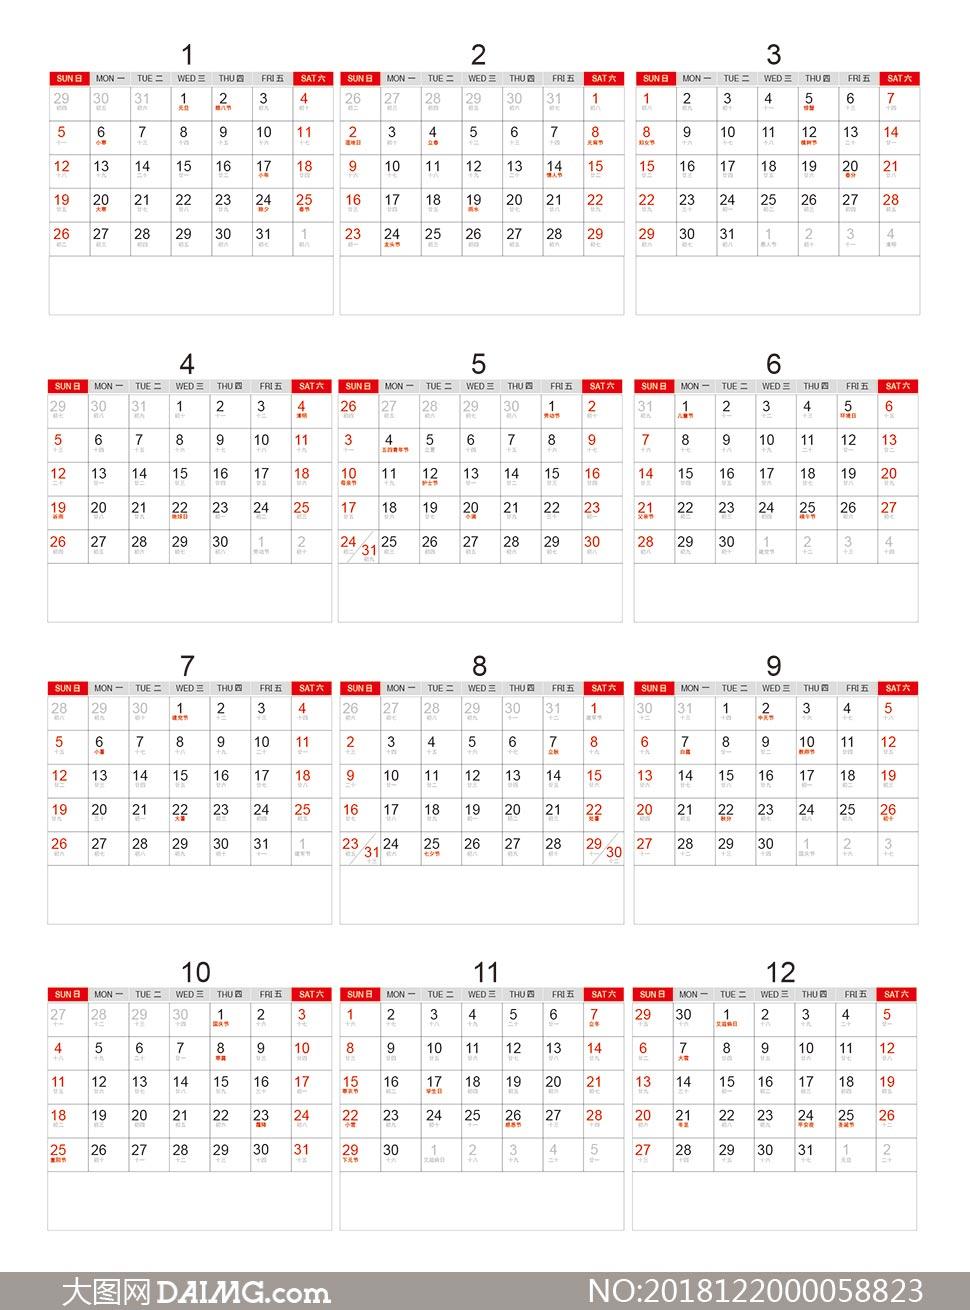 2020鼠年方形台历条模板矢量素材